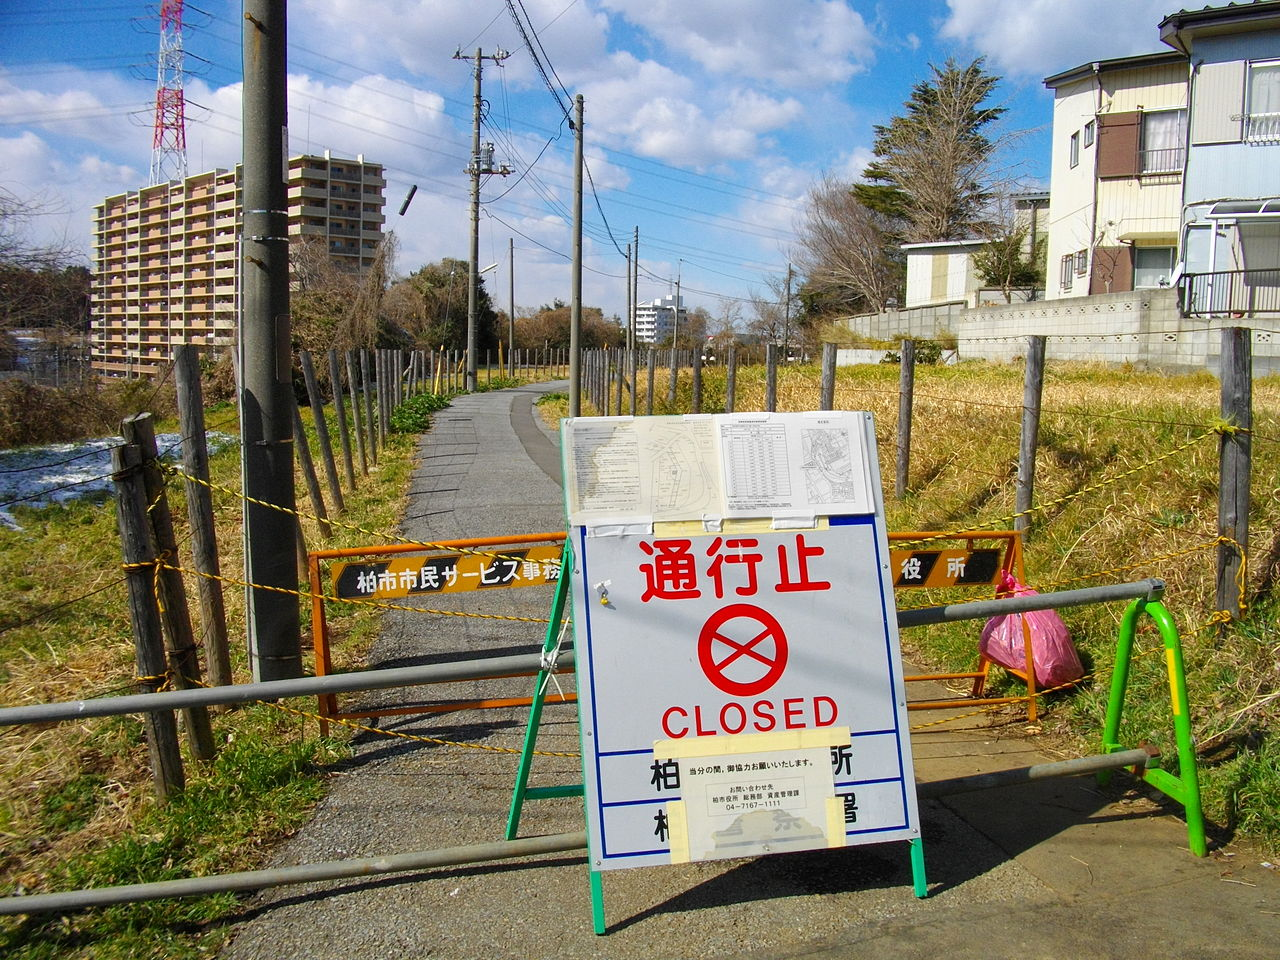 日本要将核污水排放到太平洋,西方态度耐人寻味